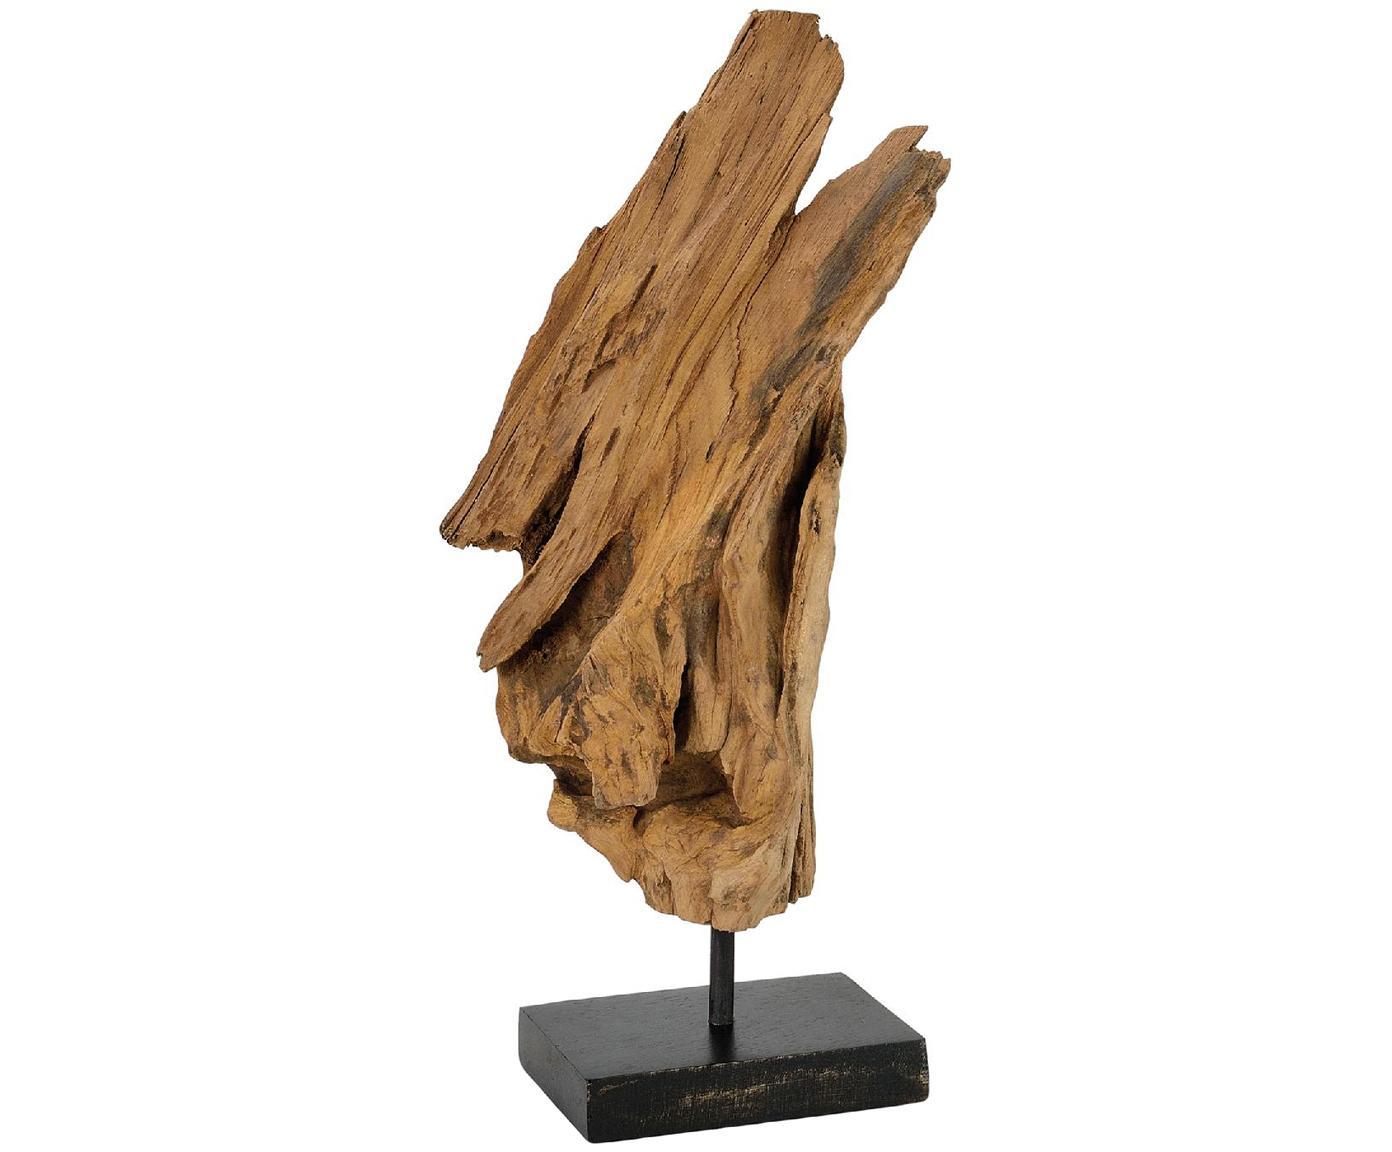 Deko-Objekt Acaia, Akazienholz, Braun, 18 x 38 cm